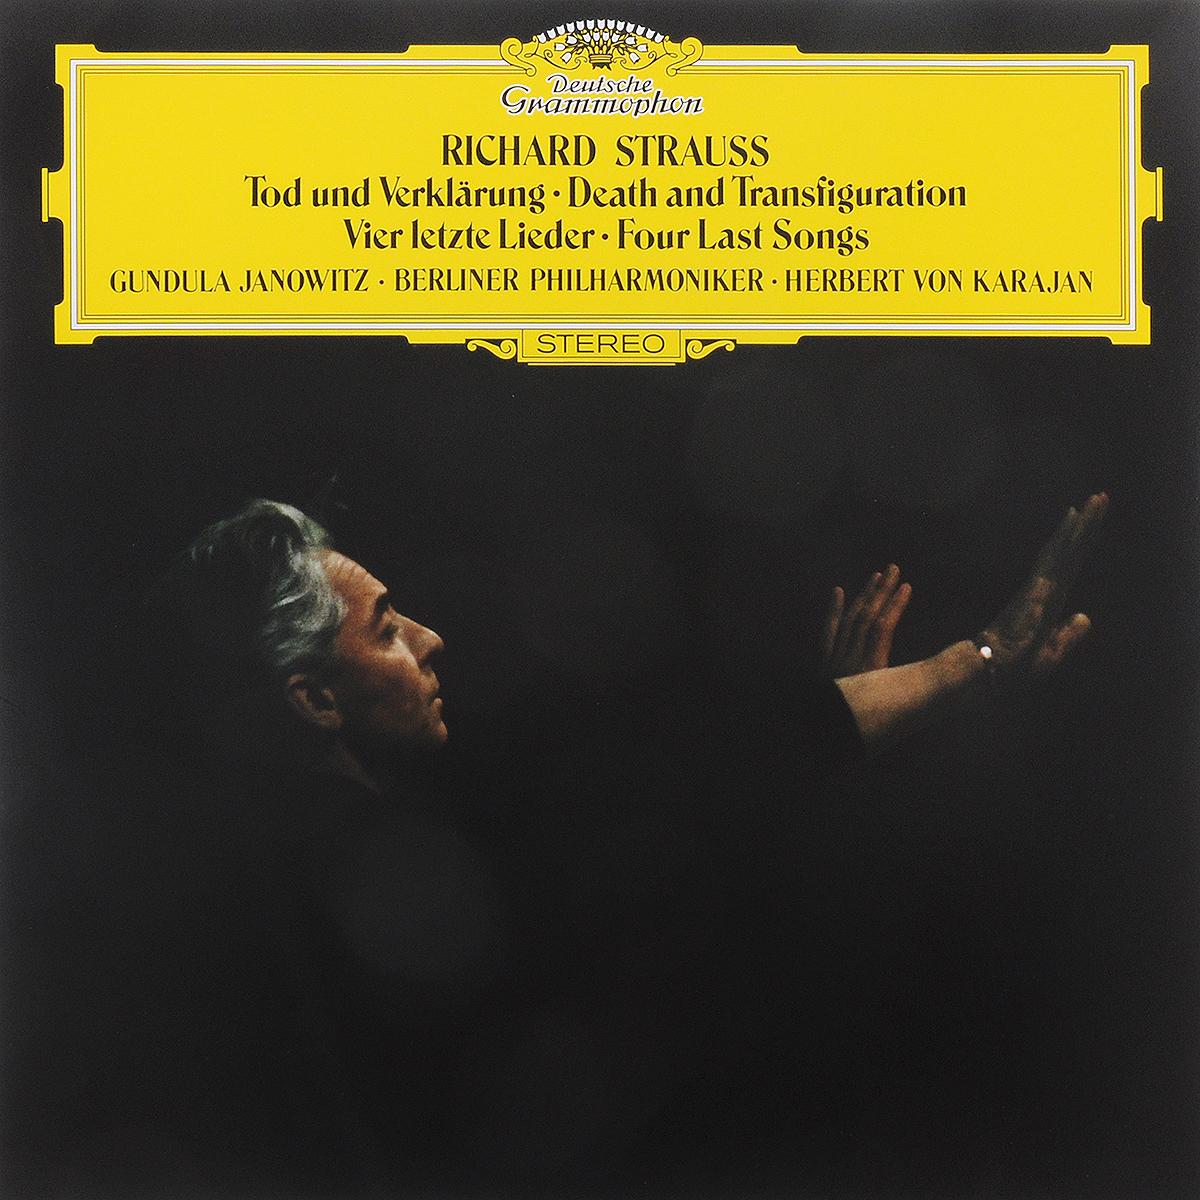 лучшая цена Гундула Яновитц,Berliner Philharmoniker,Герберт Караян Karajan, Herbert von Strauss R. Tod Und Verklarung. Vier Letzte Lieder (LP)